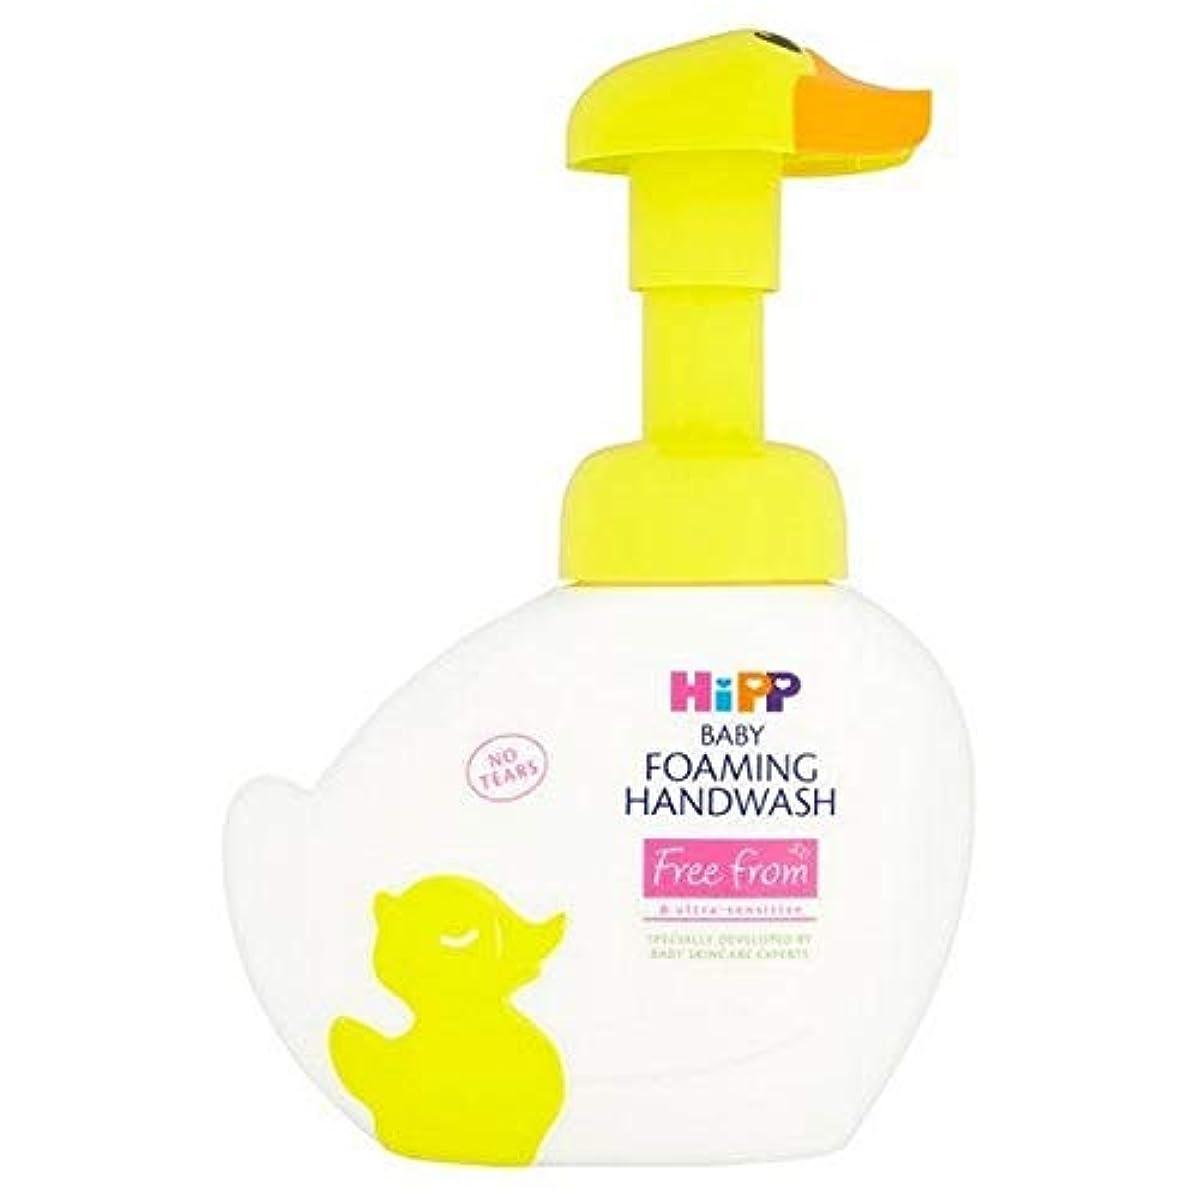 コンセンサス瞬時に姪[Hipp ] ヒップ自由手洗いの250ミリリットルを発泡から - HiPP Free From Foaming Handwash 250ml [並行輸入品]